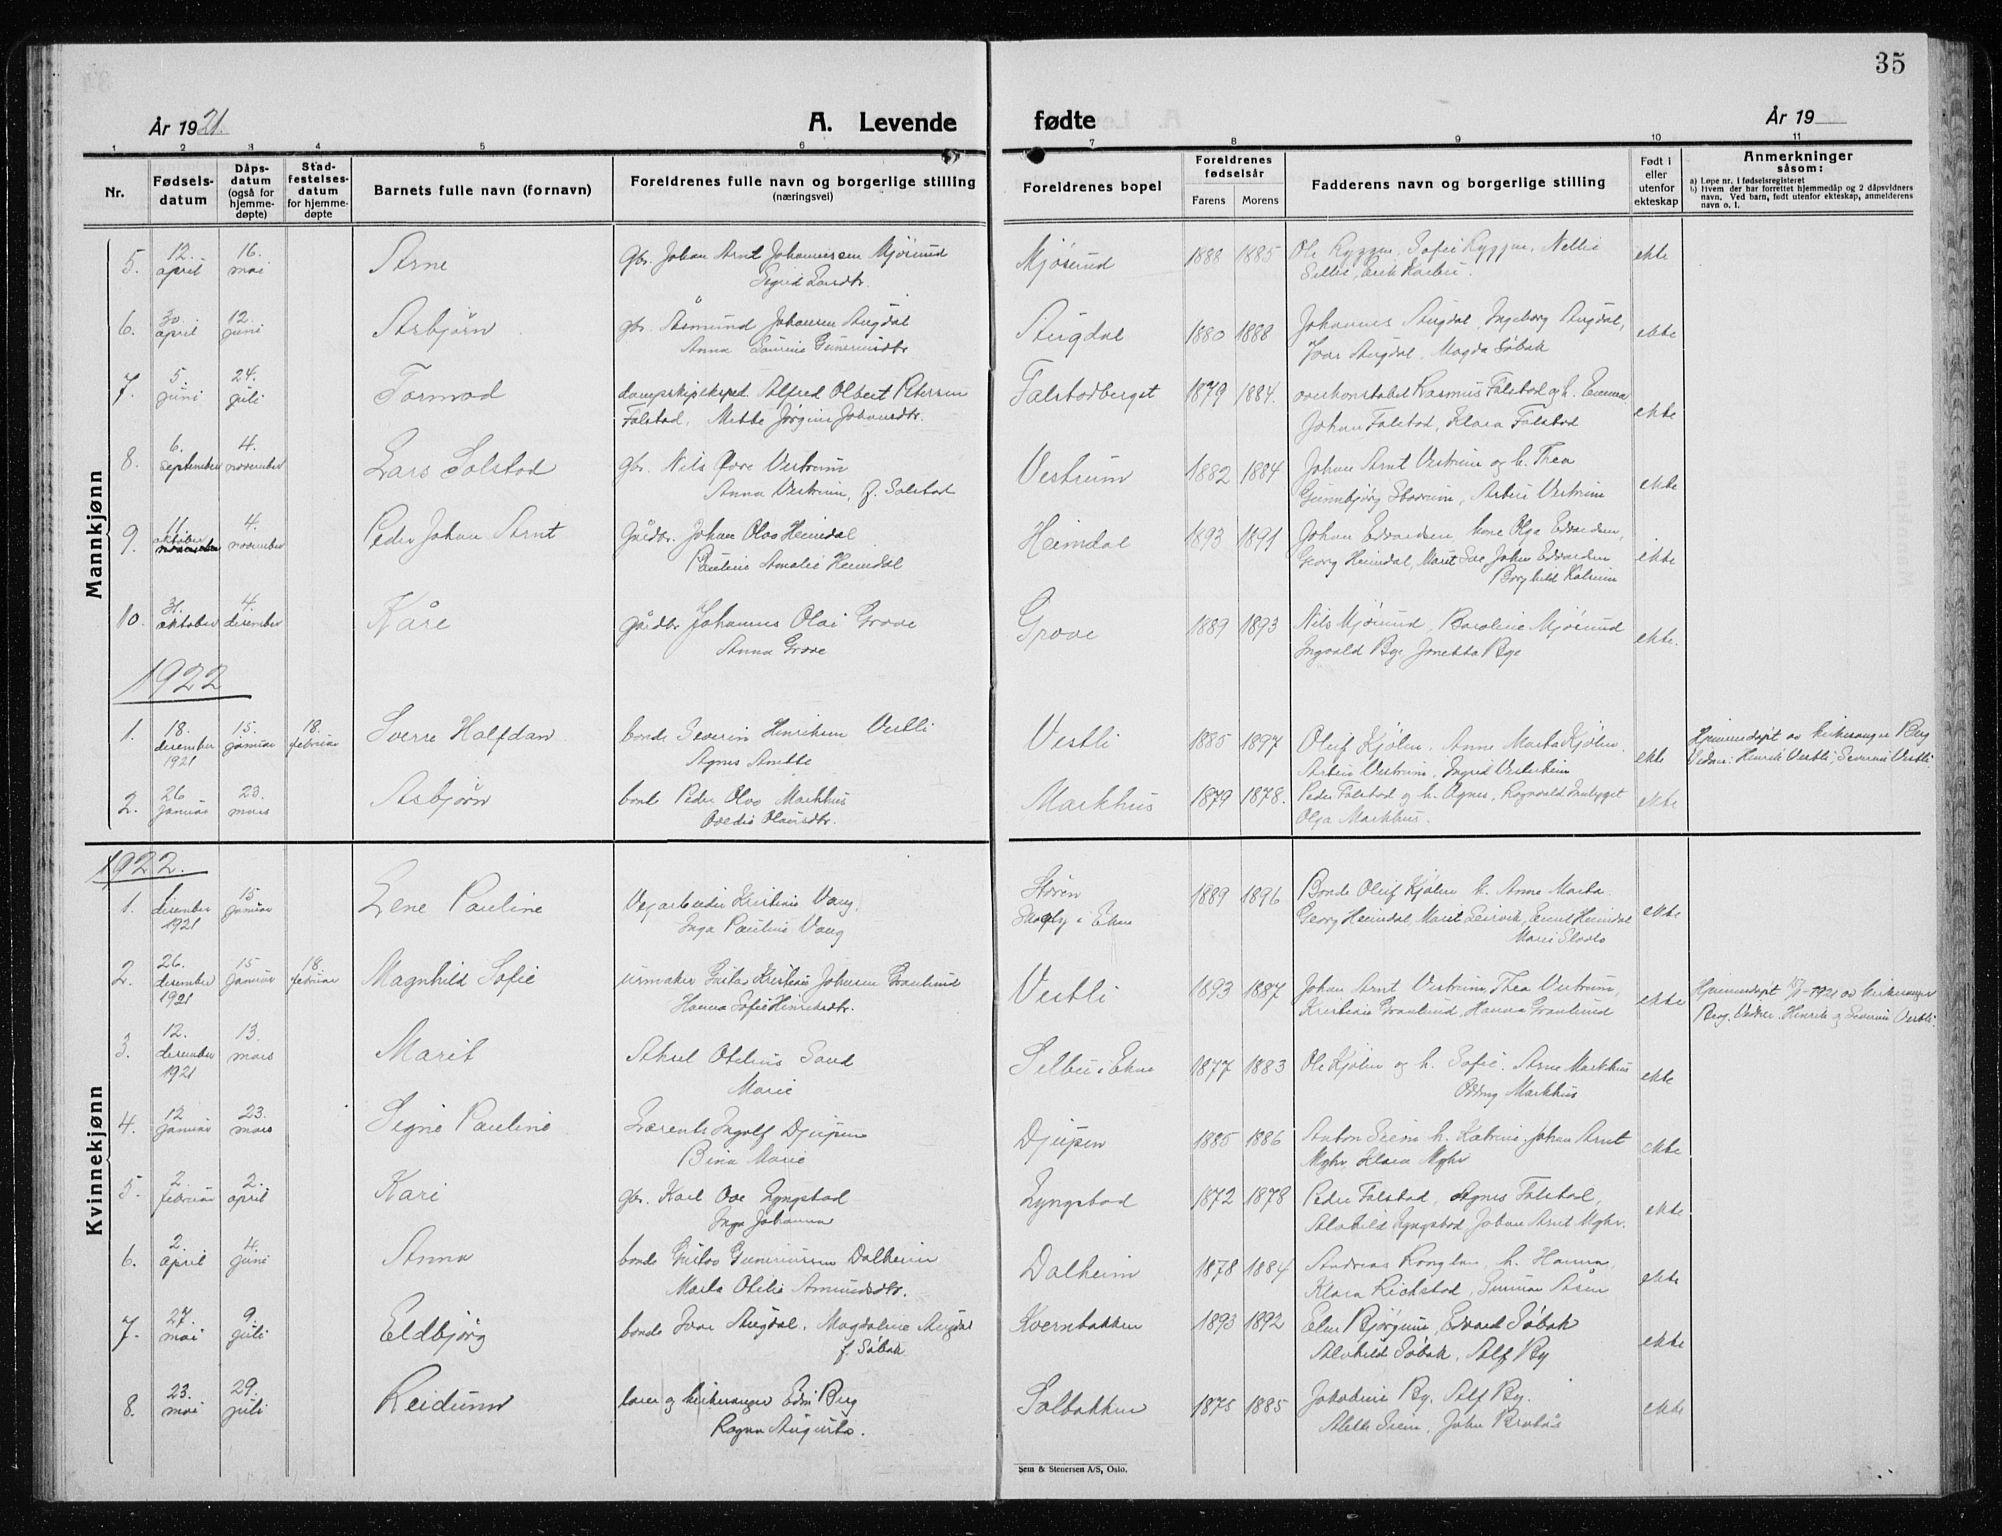 SAT, Ministerialprotokoller, klokkerbøker og fødselsregistre - Nord-Trøndelag, 719/L0180: Klokkerbok nr. 719C01, 1878-1940, s. 35